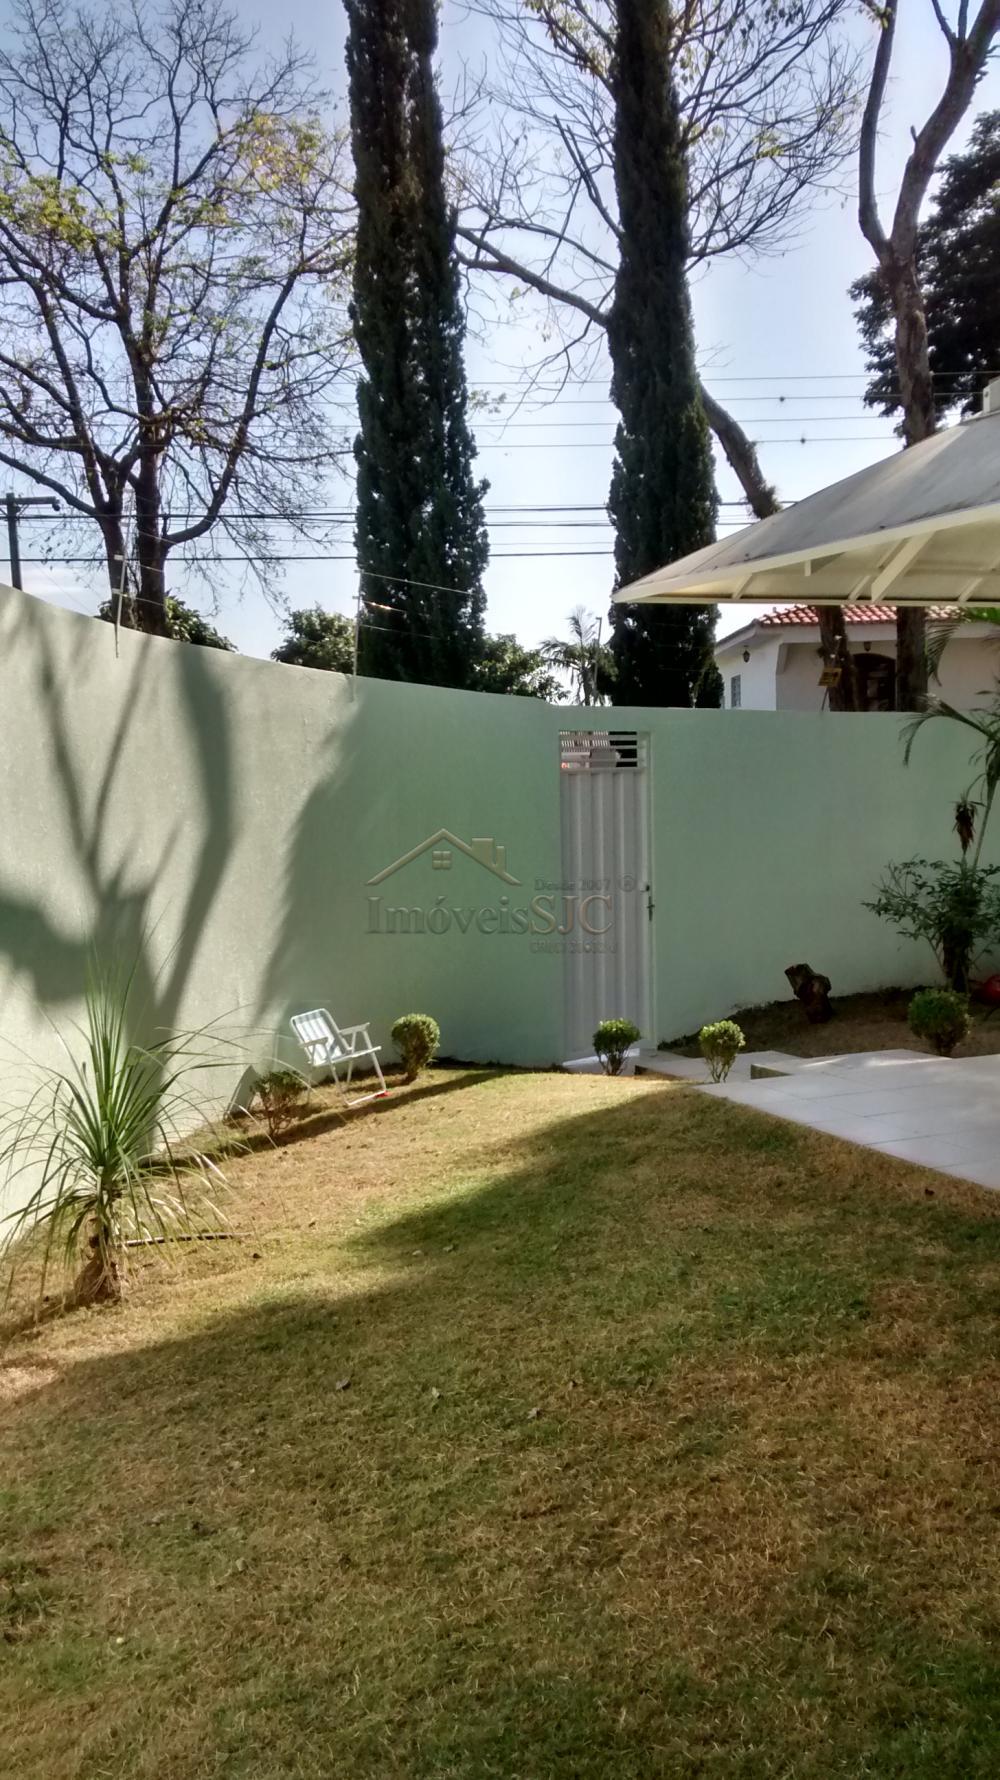 Comprar Casas / Padrão em São José dos Campos apenas R$ 530.000,00 - Foto 5